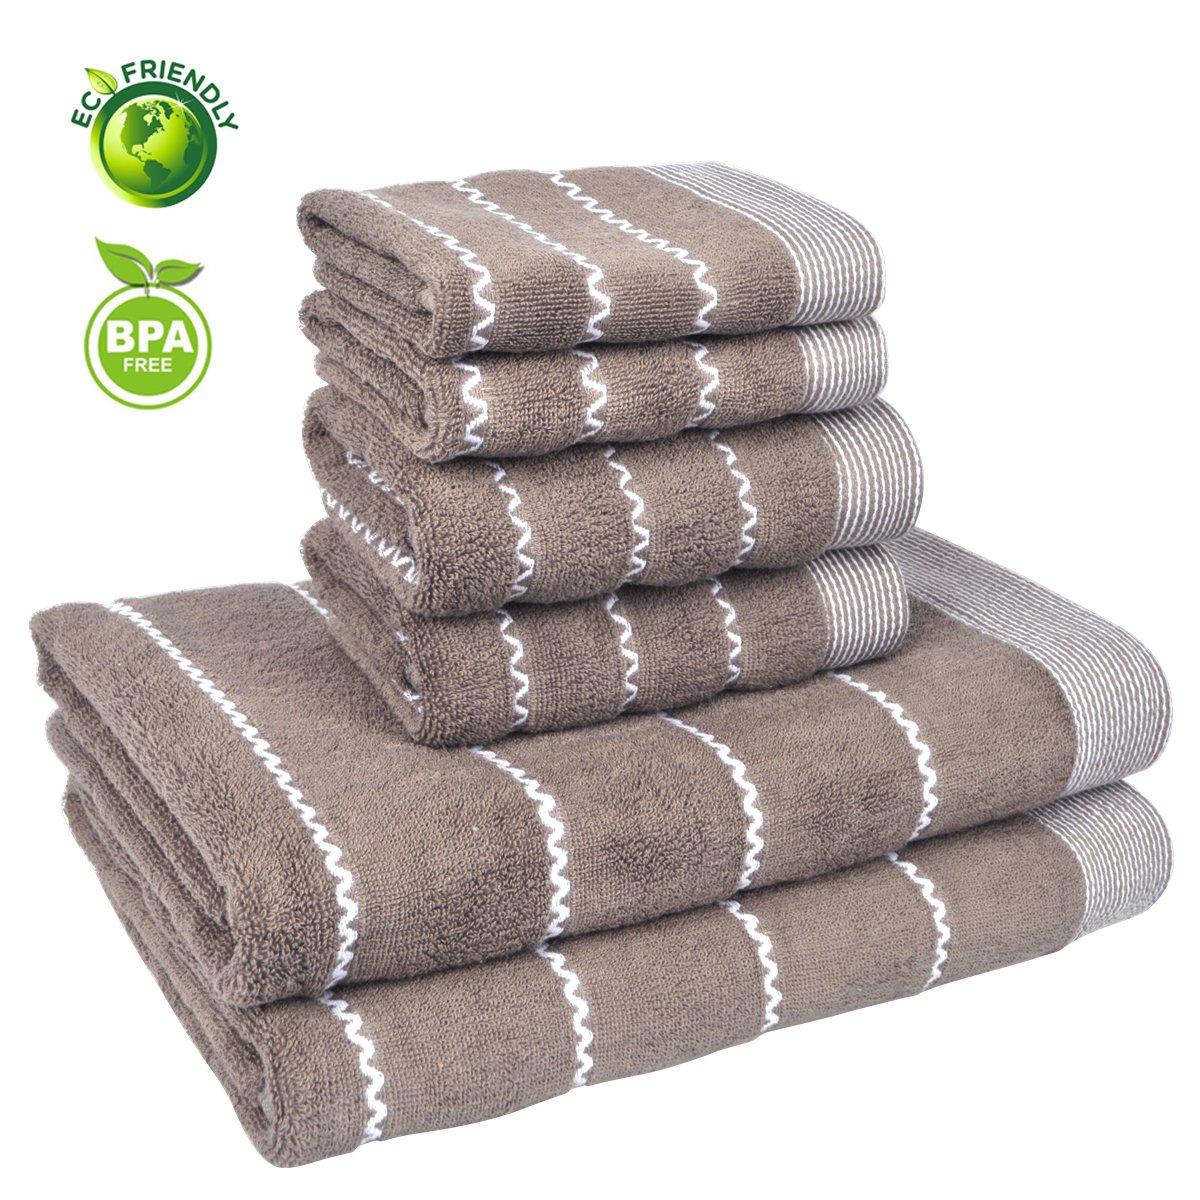 Vanca Bath Towels Sets Cotton Prime Soft Durable Absorbent Large Shower Beach Terry Luxury Classic Design Circlet Wave Stripe Kids Towel (Light Blue)